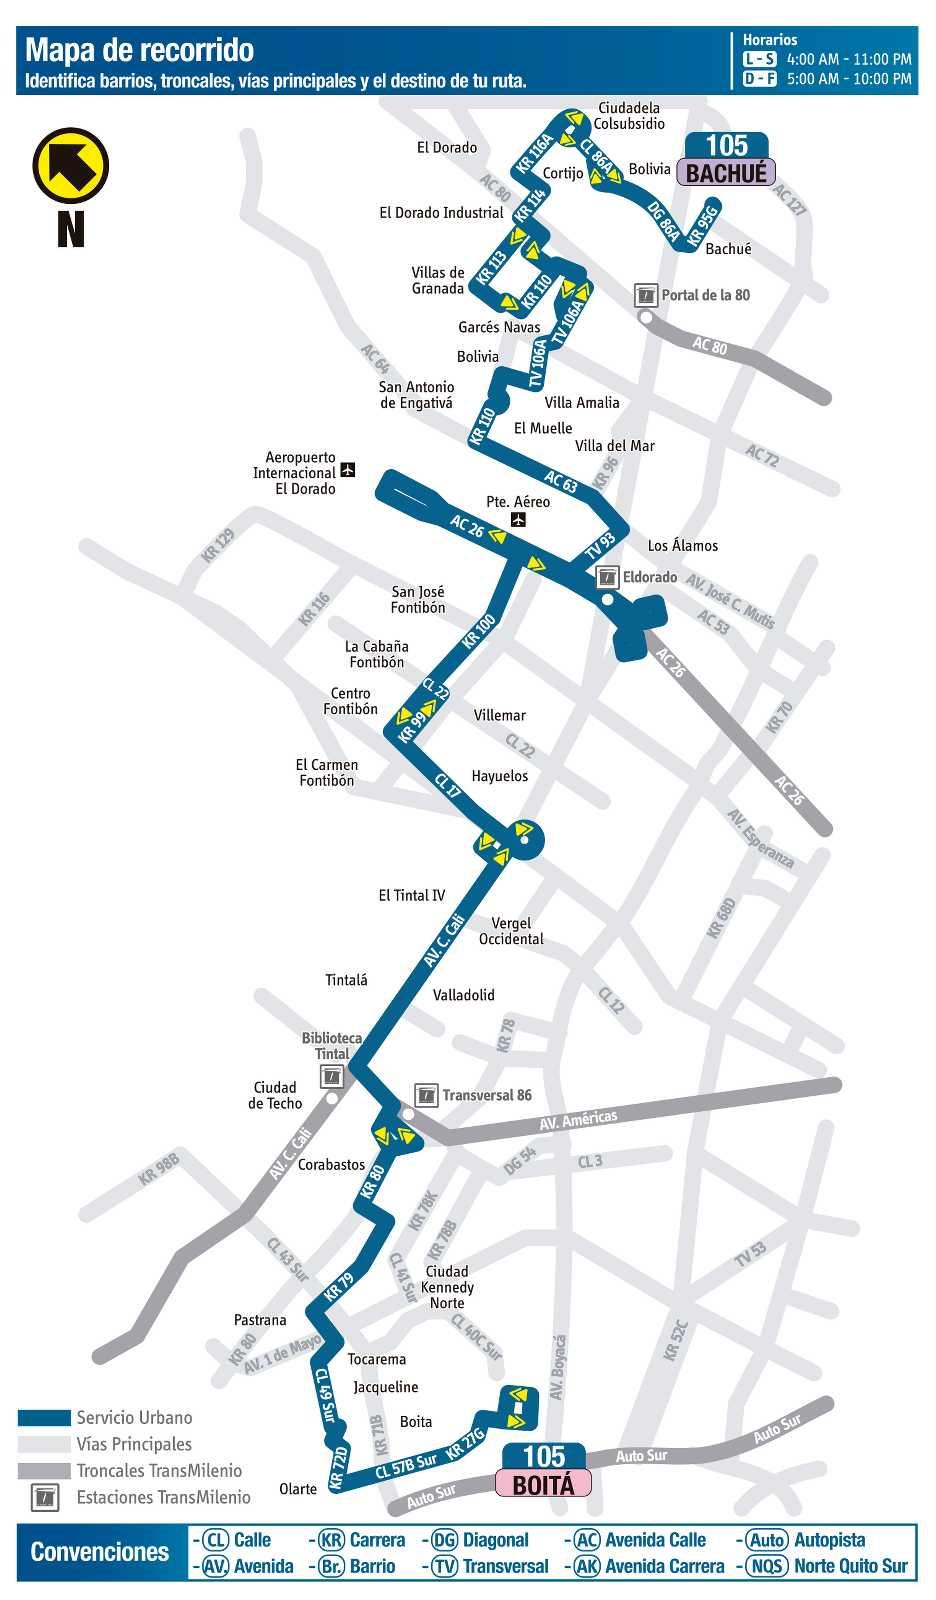 Ruta SITP: 105 Boitá - Bachué (mapa)